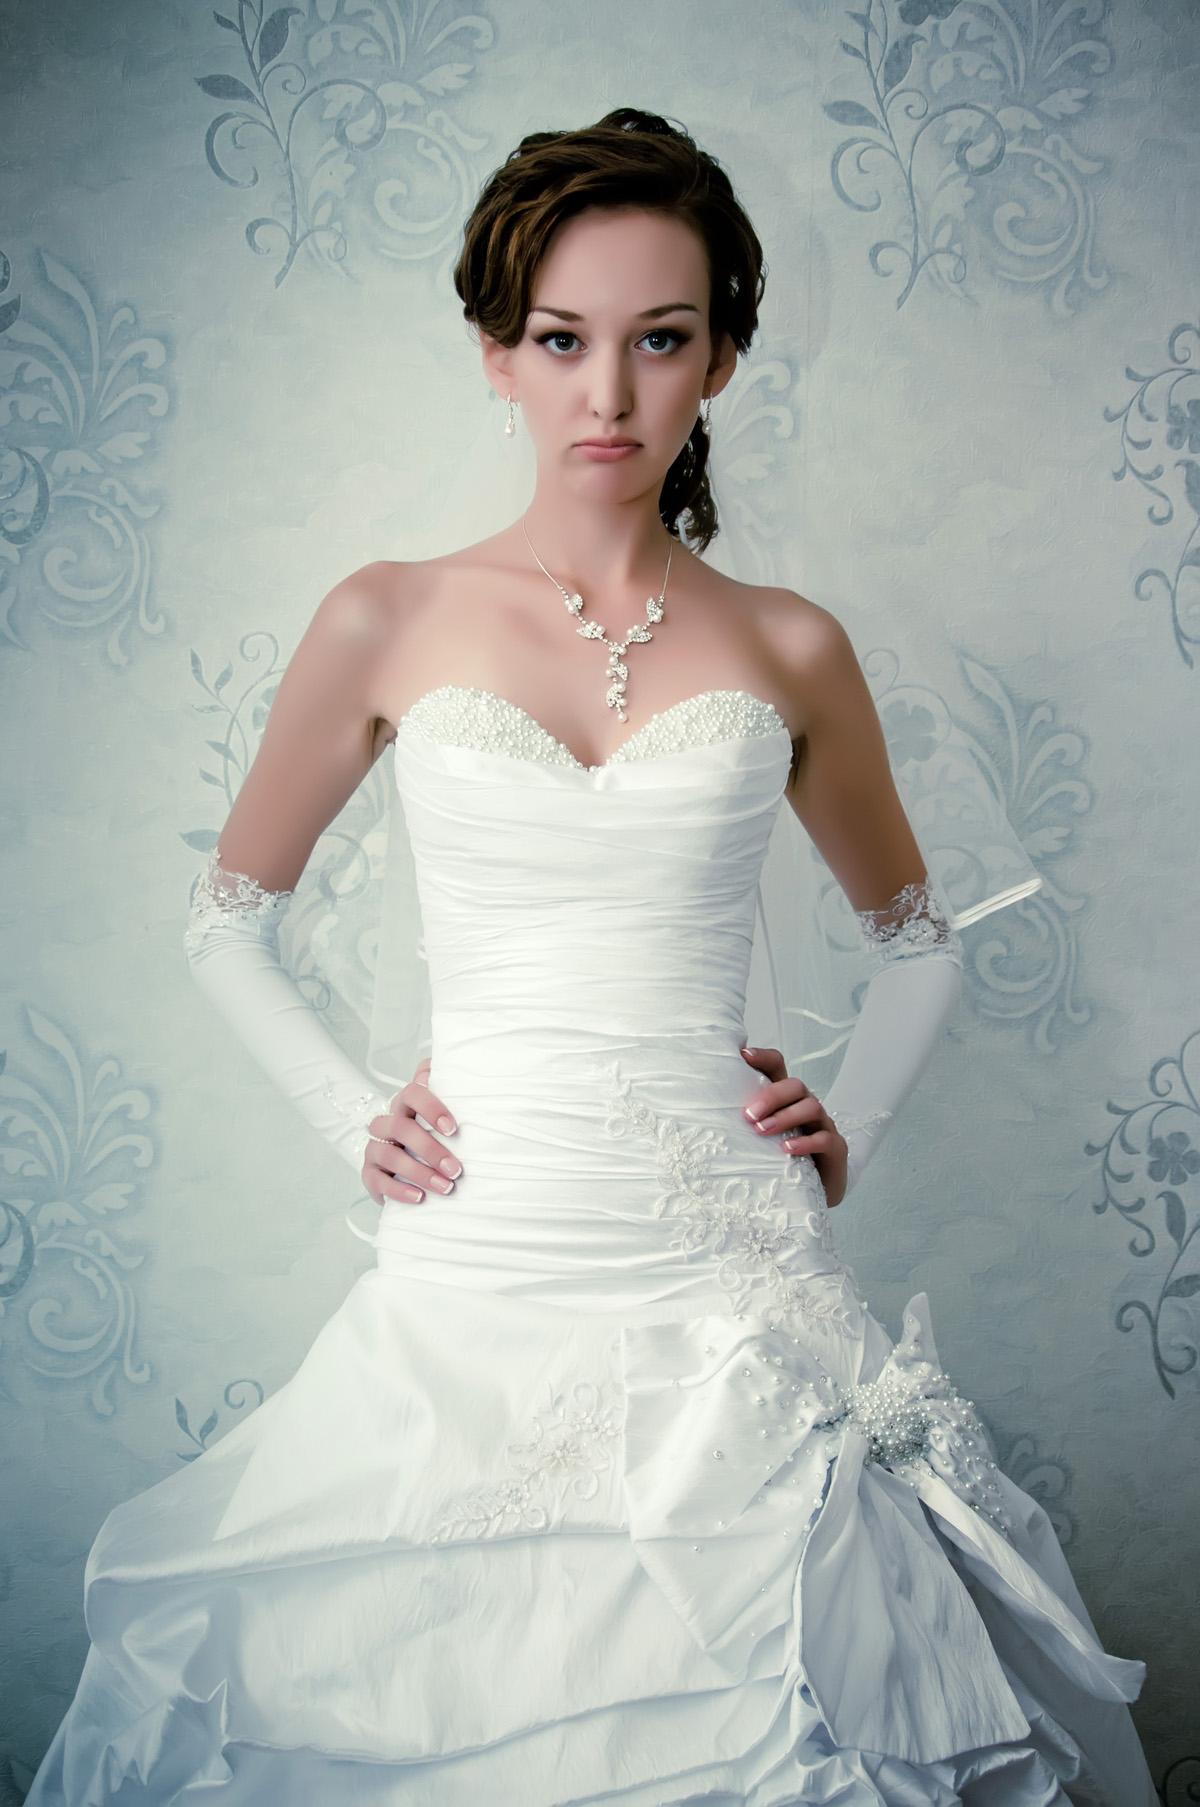 Недовольная невеста